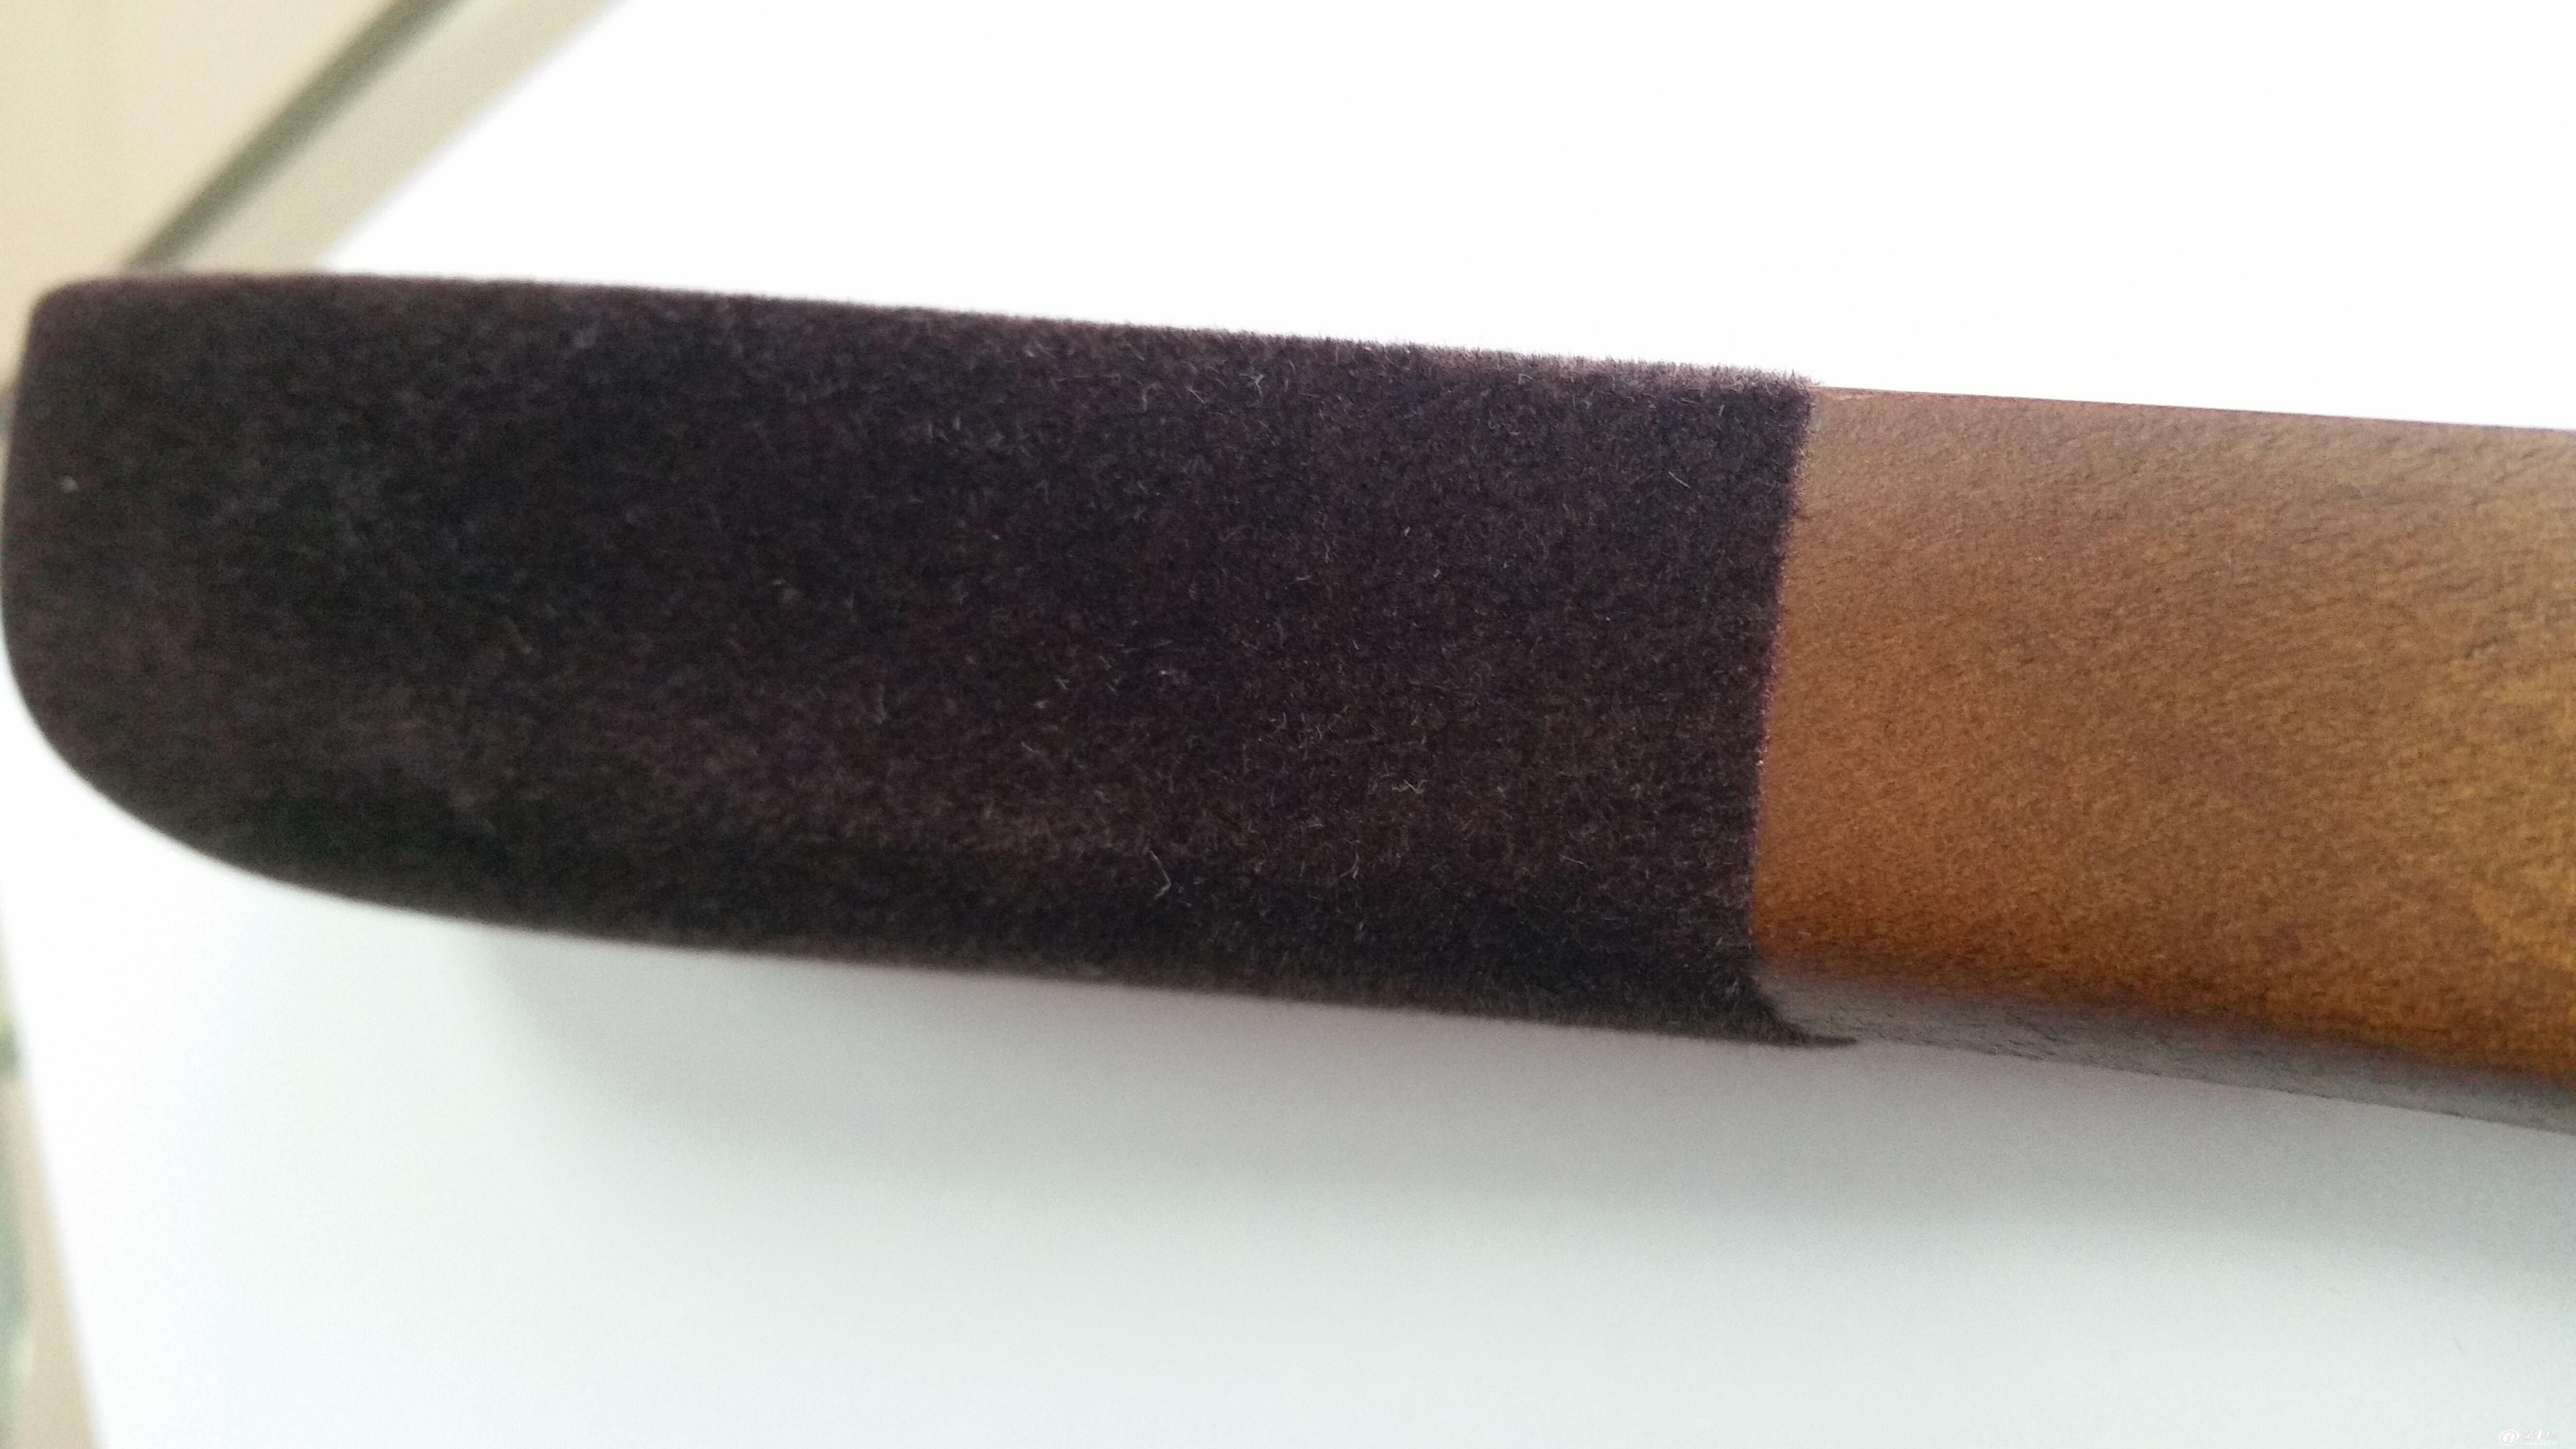 ps木质桌面平面素材